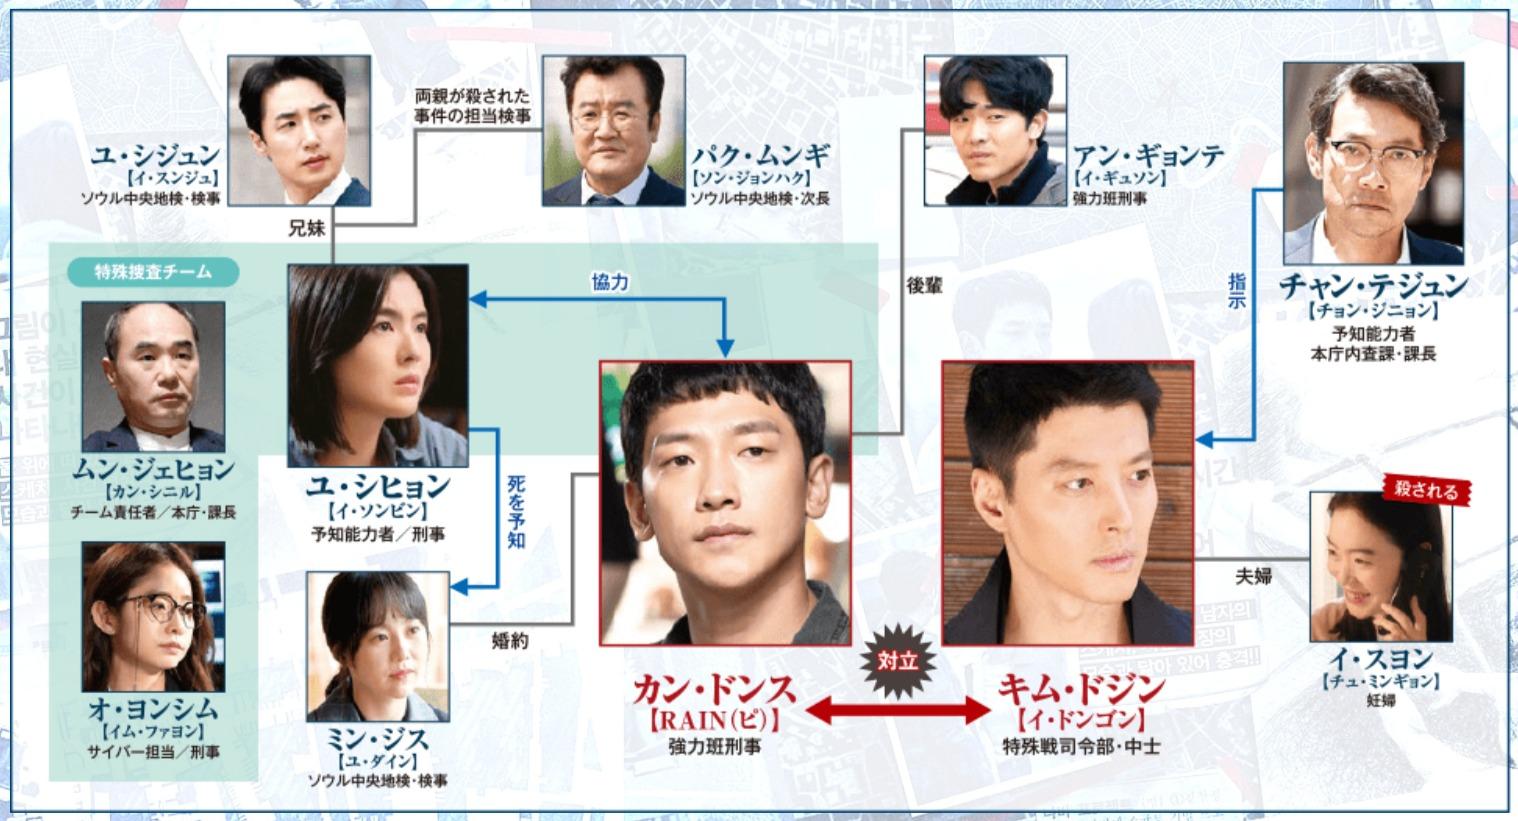 韓国ドラマ『スケッチ~神が予告した未来~』登場人物相関図(関係図)